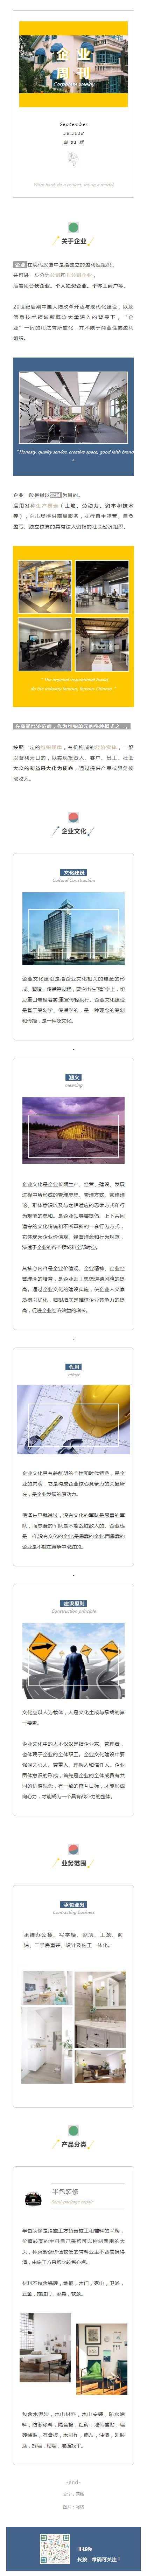 企业 公司组织个体工商户介绍简介